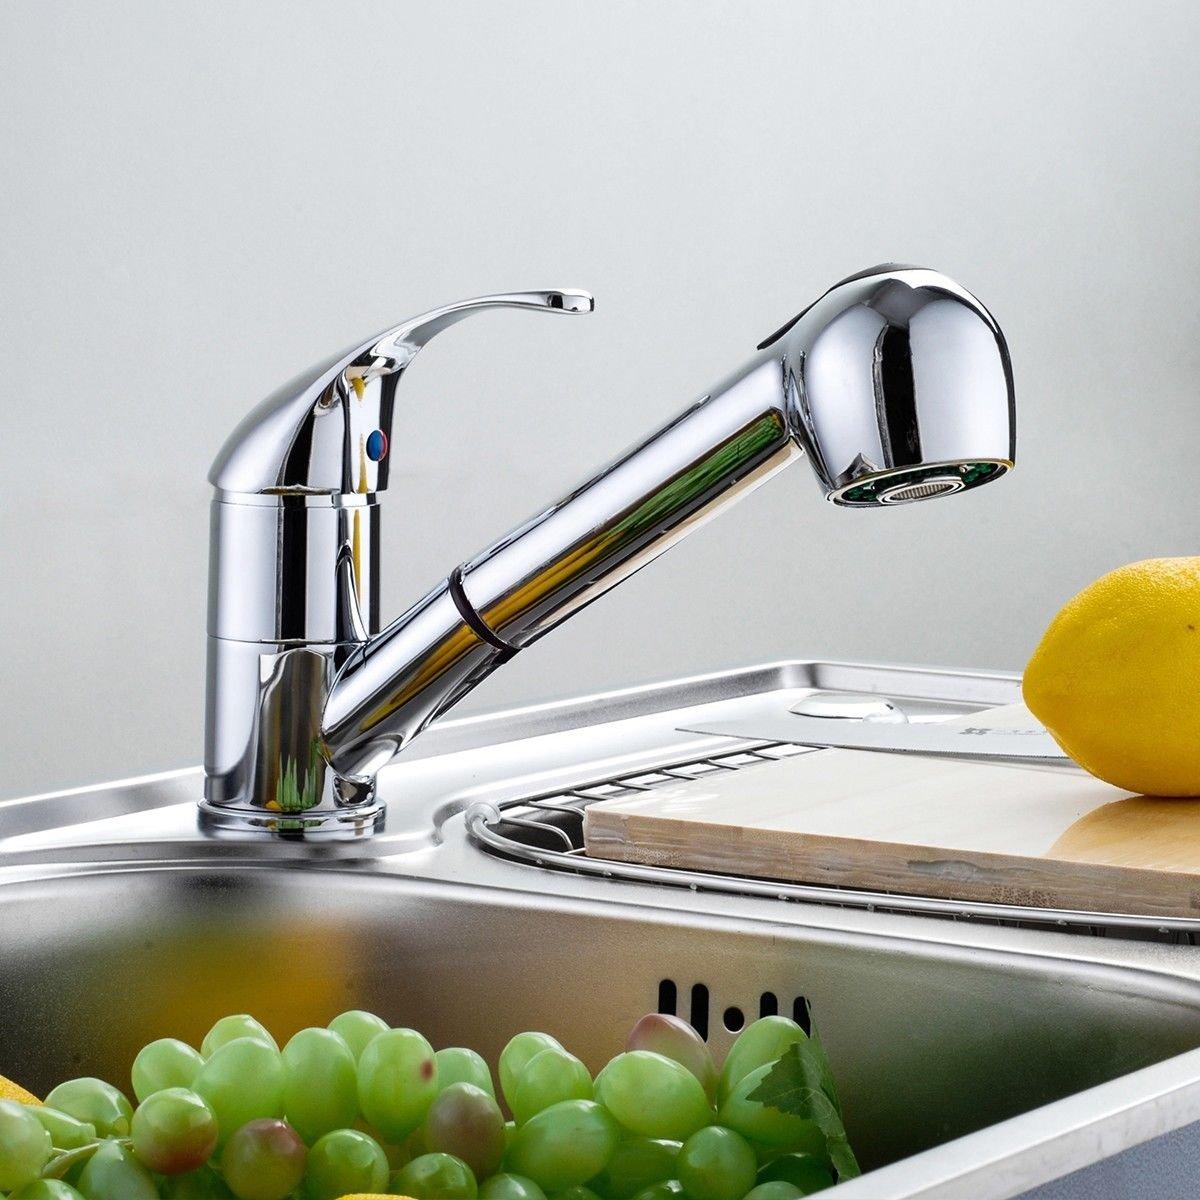 Amazon.com: HPD Swivel Spout Kitchen Single Handle Pull Out Faucet ...